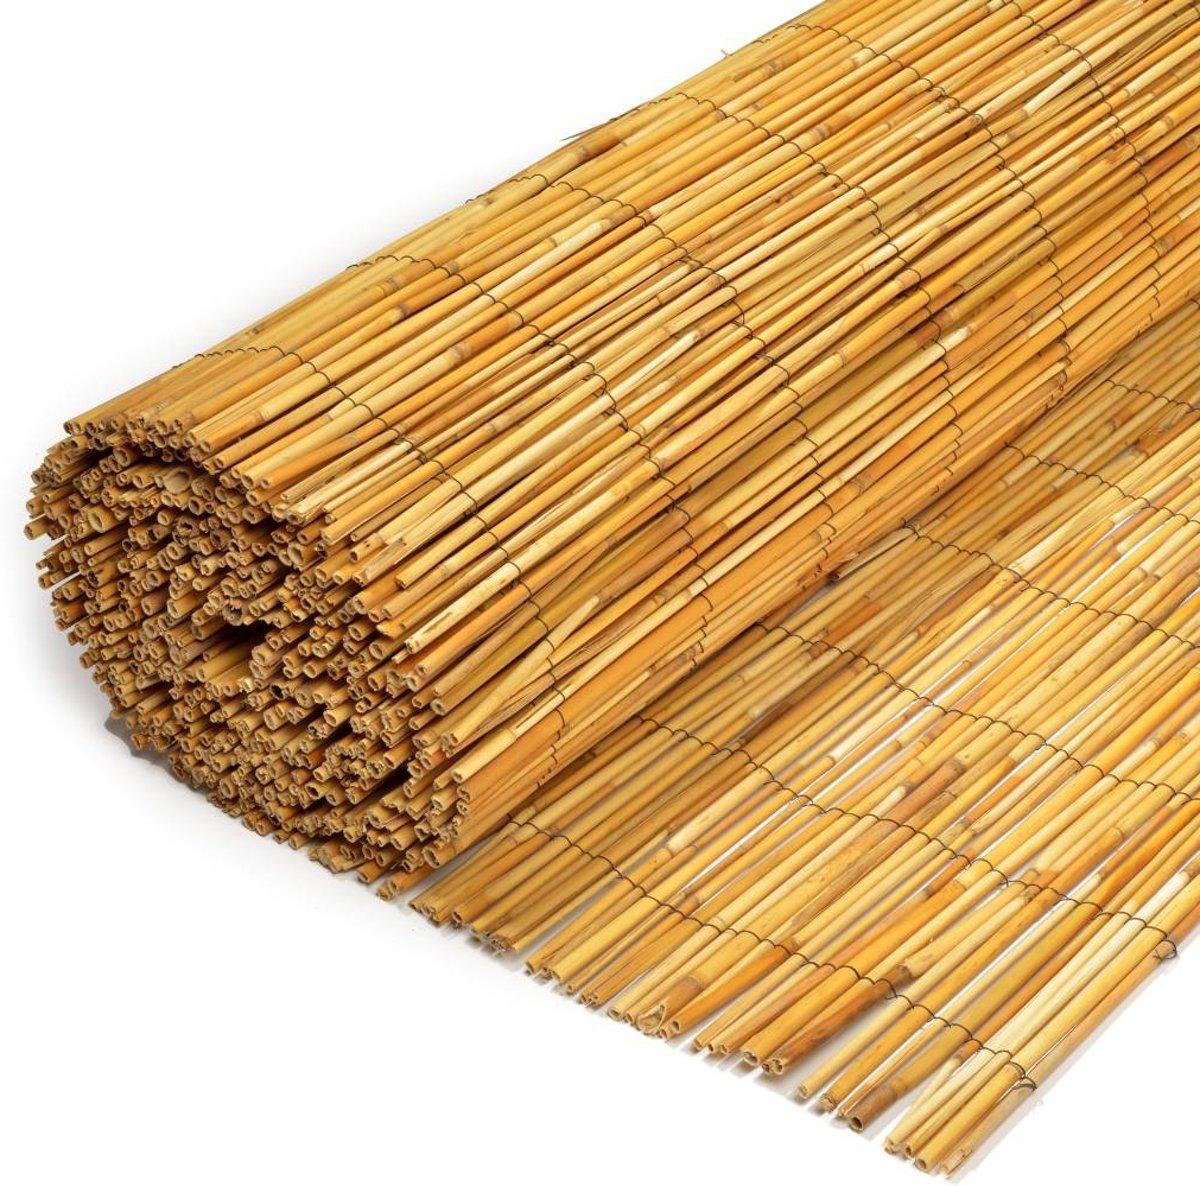 Rietmat van gepeld riet 150 x 500 cm I Rietmatten kopen